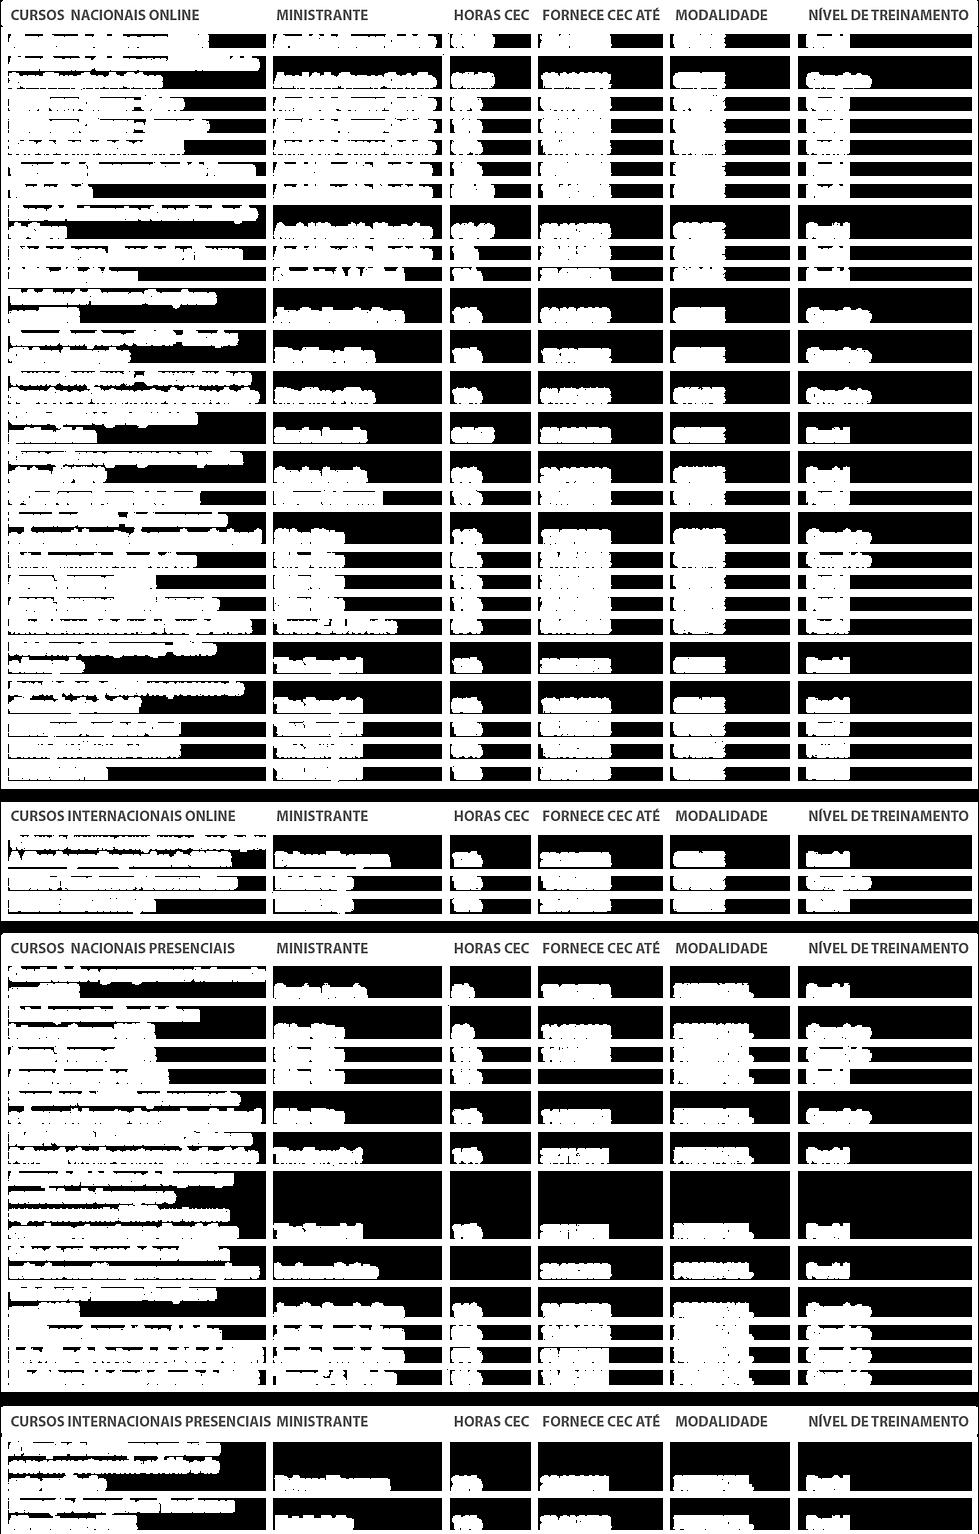 Tabela Cursos_2021-22.png